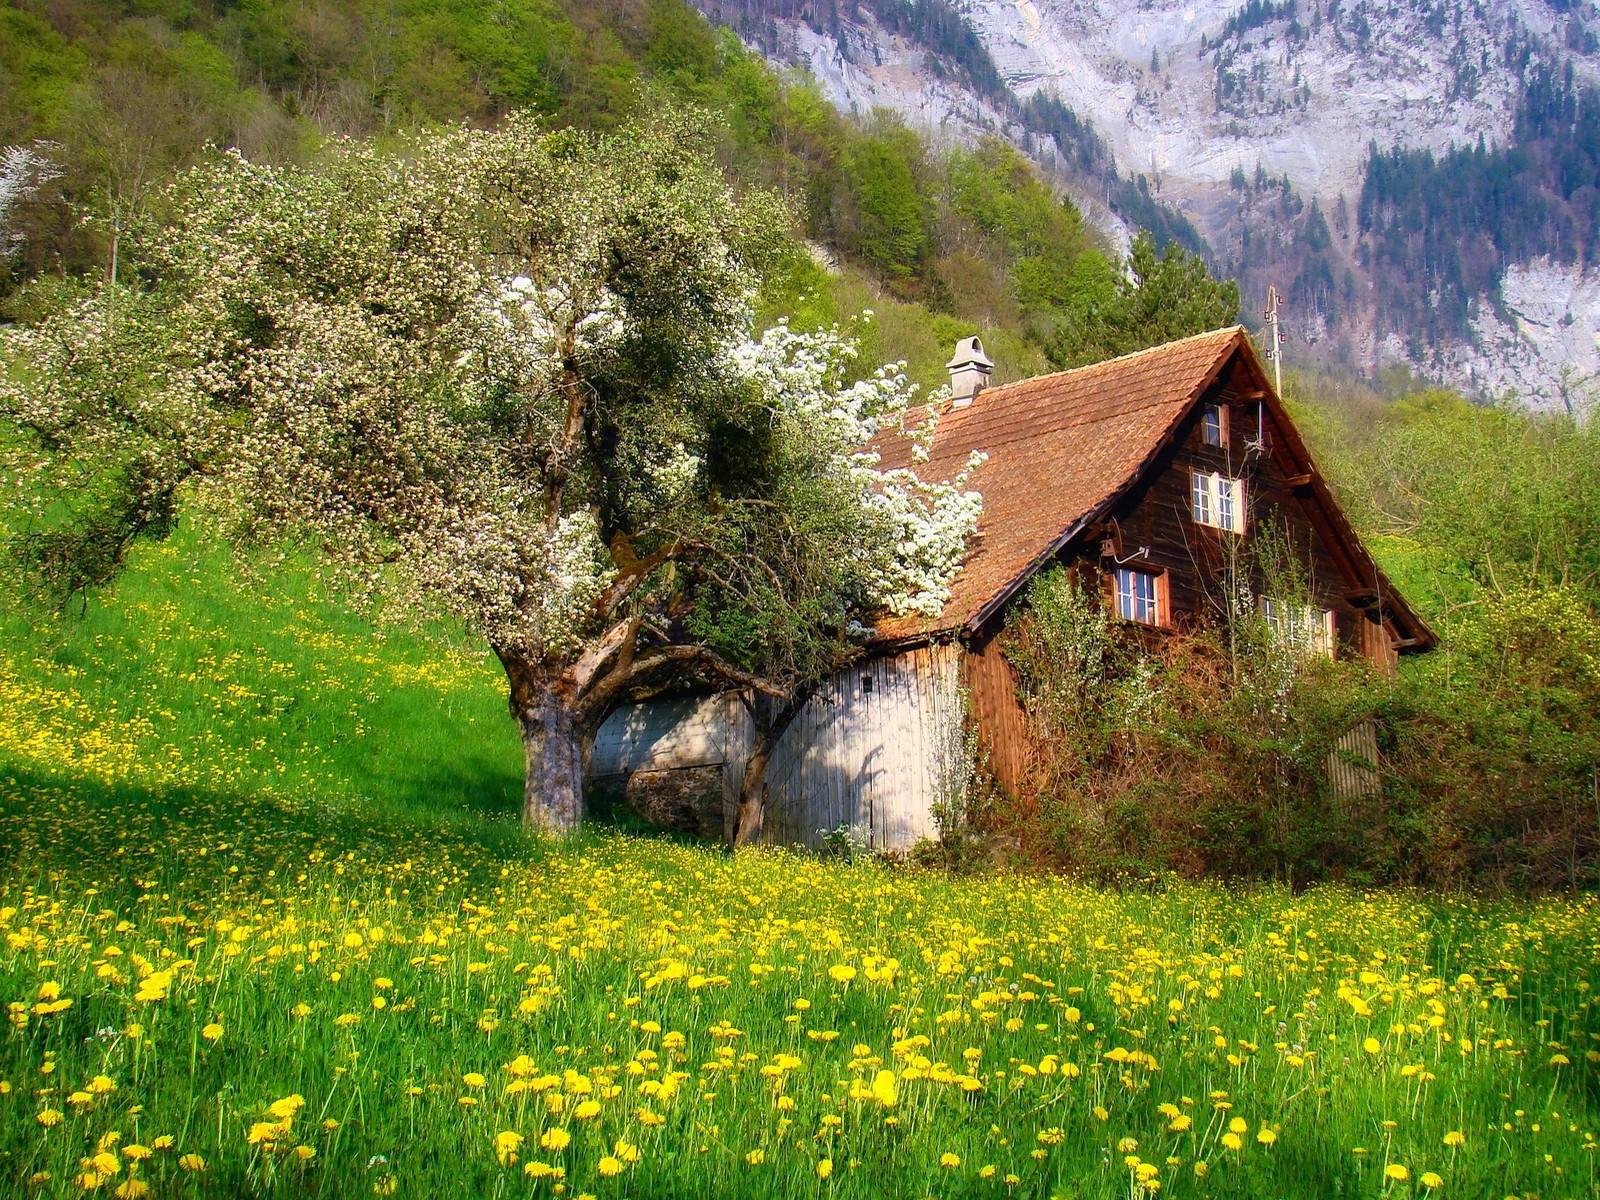 Fond d'écran : des arbres, paysage, Montagnes, fleurs, la nature, champ, la photographie, vert ...